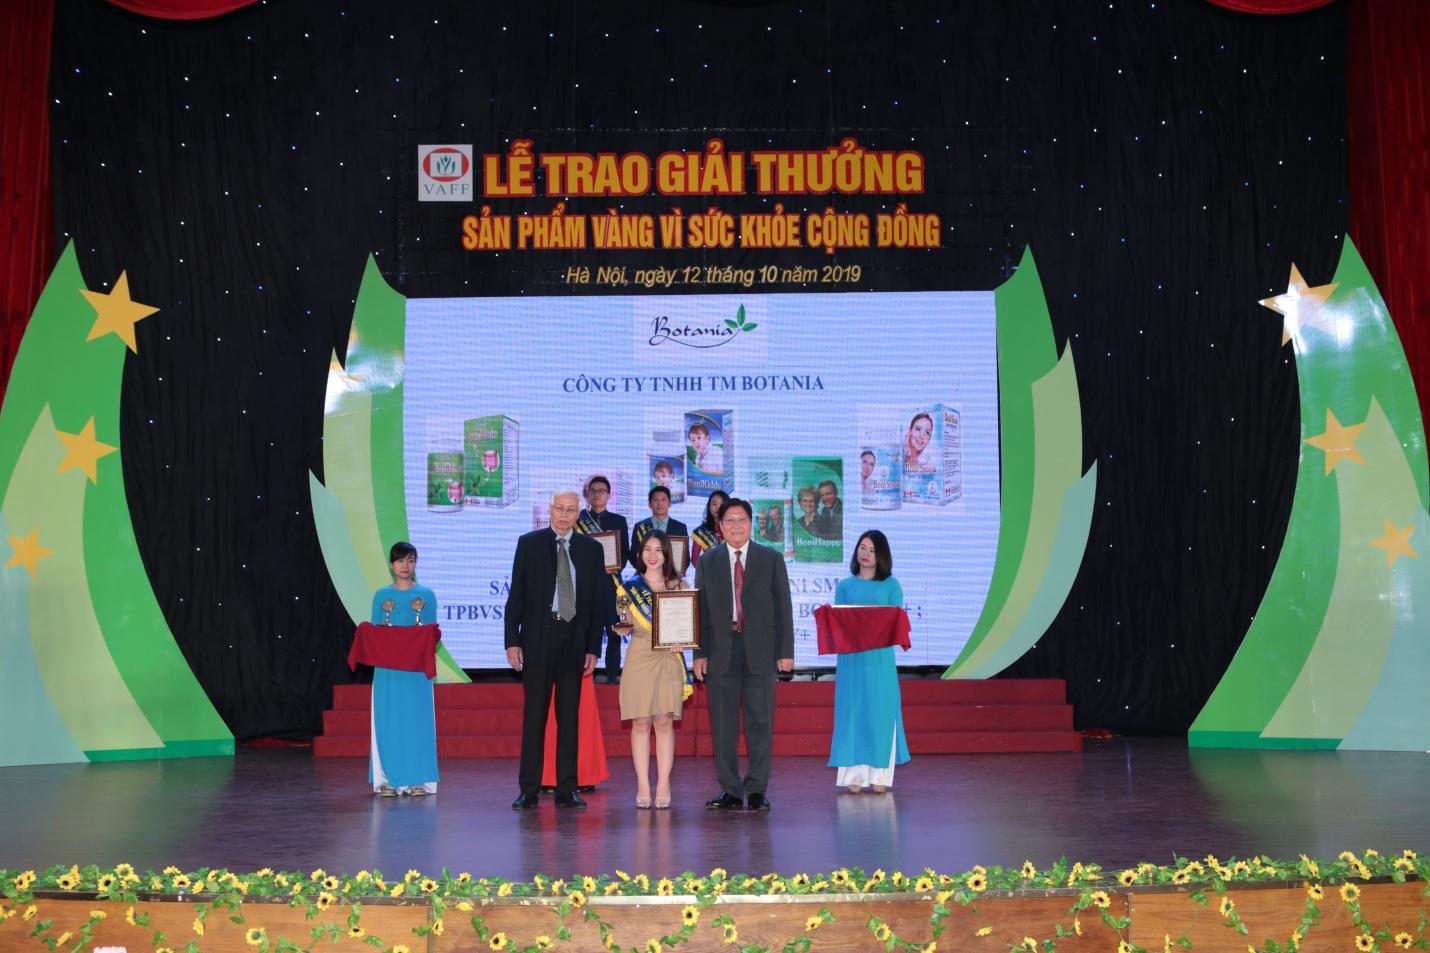 """Công ty Botania lần thứ 4 nhận giải thưởng """"Sản phẩm vàng vì sức khỏe cộng đồng""""  - Ảnh 2"""